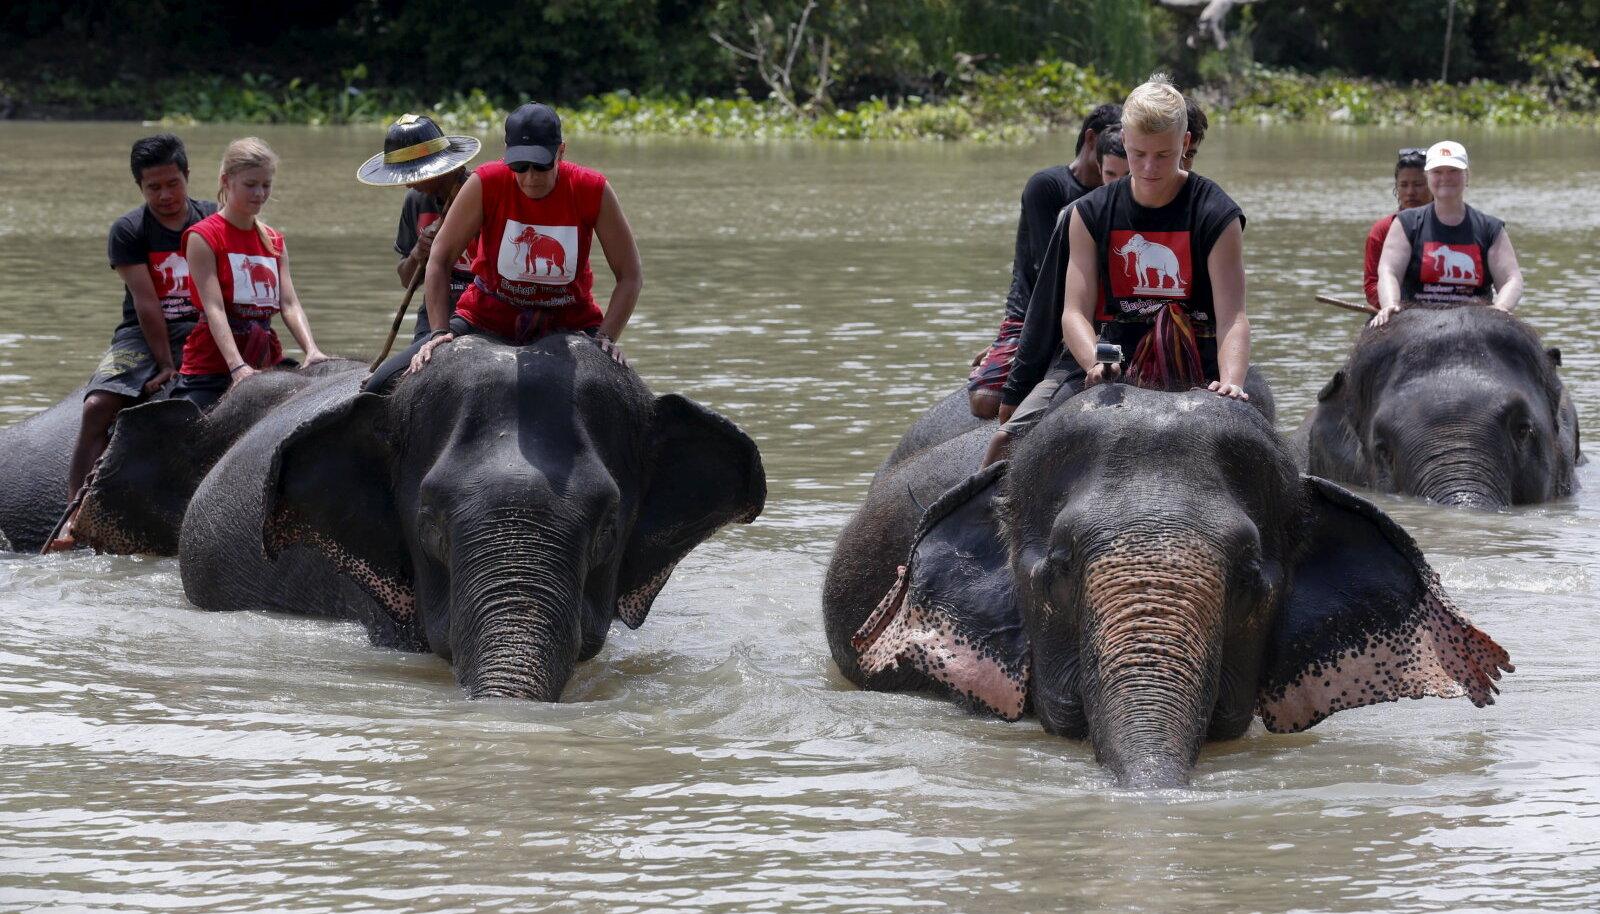 Vabatahtlikud viivad elevantide varjupaiga loomi suplema